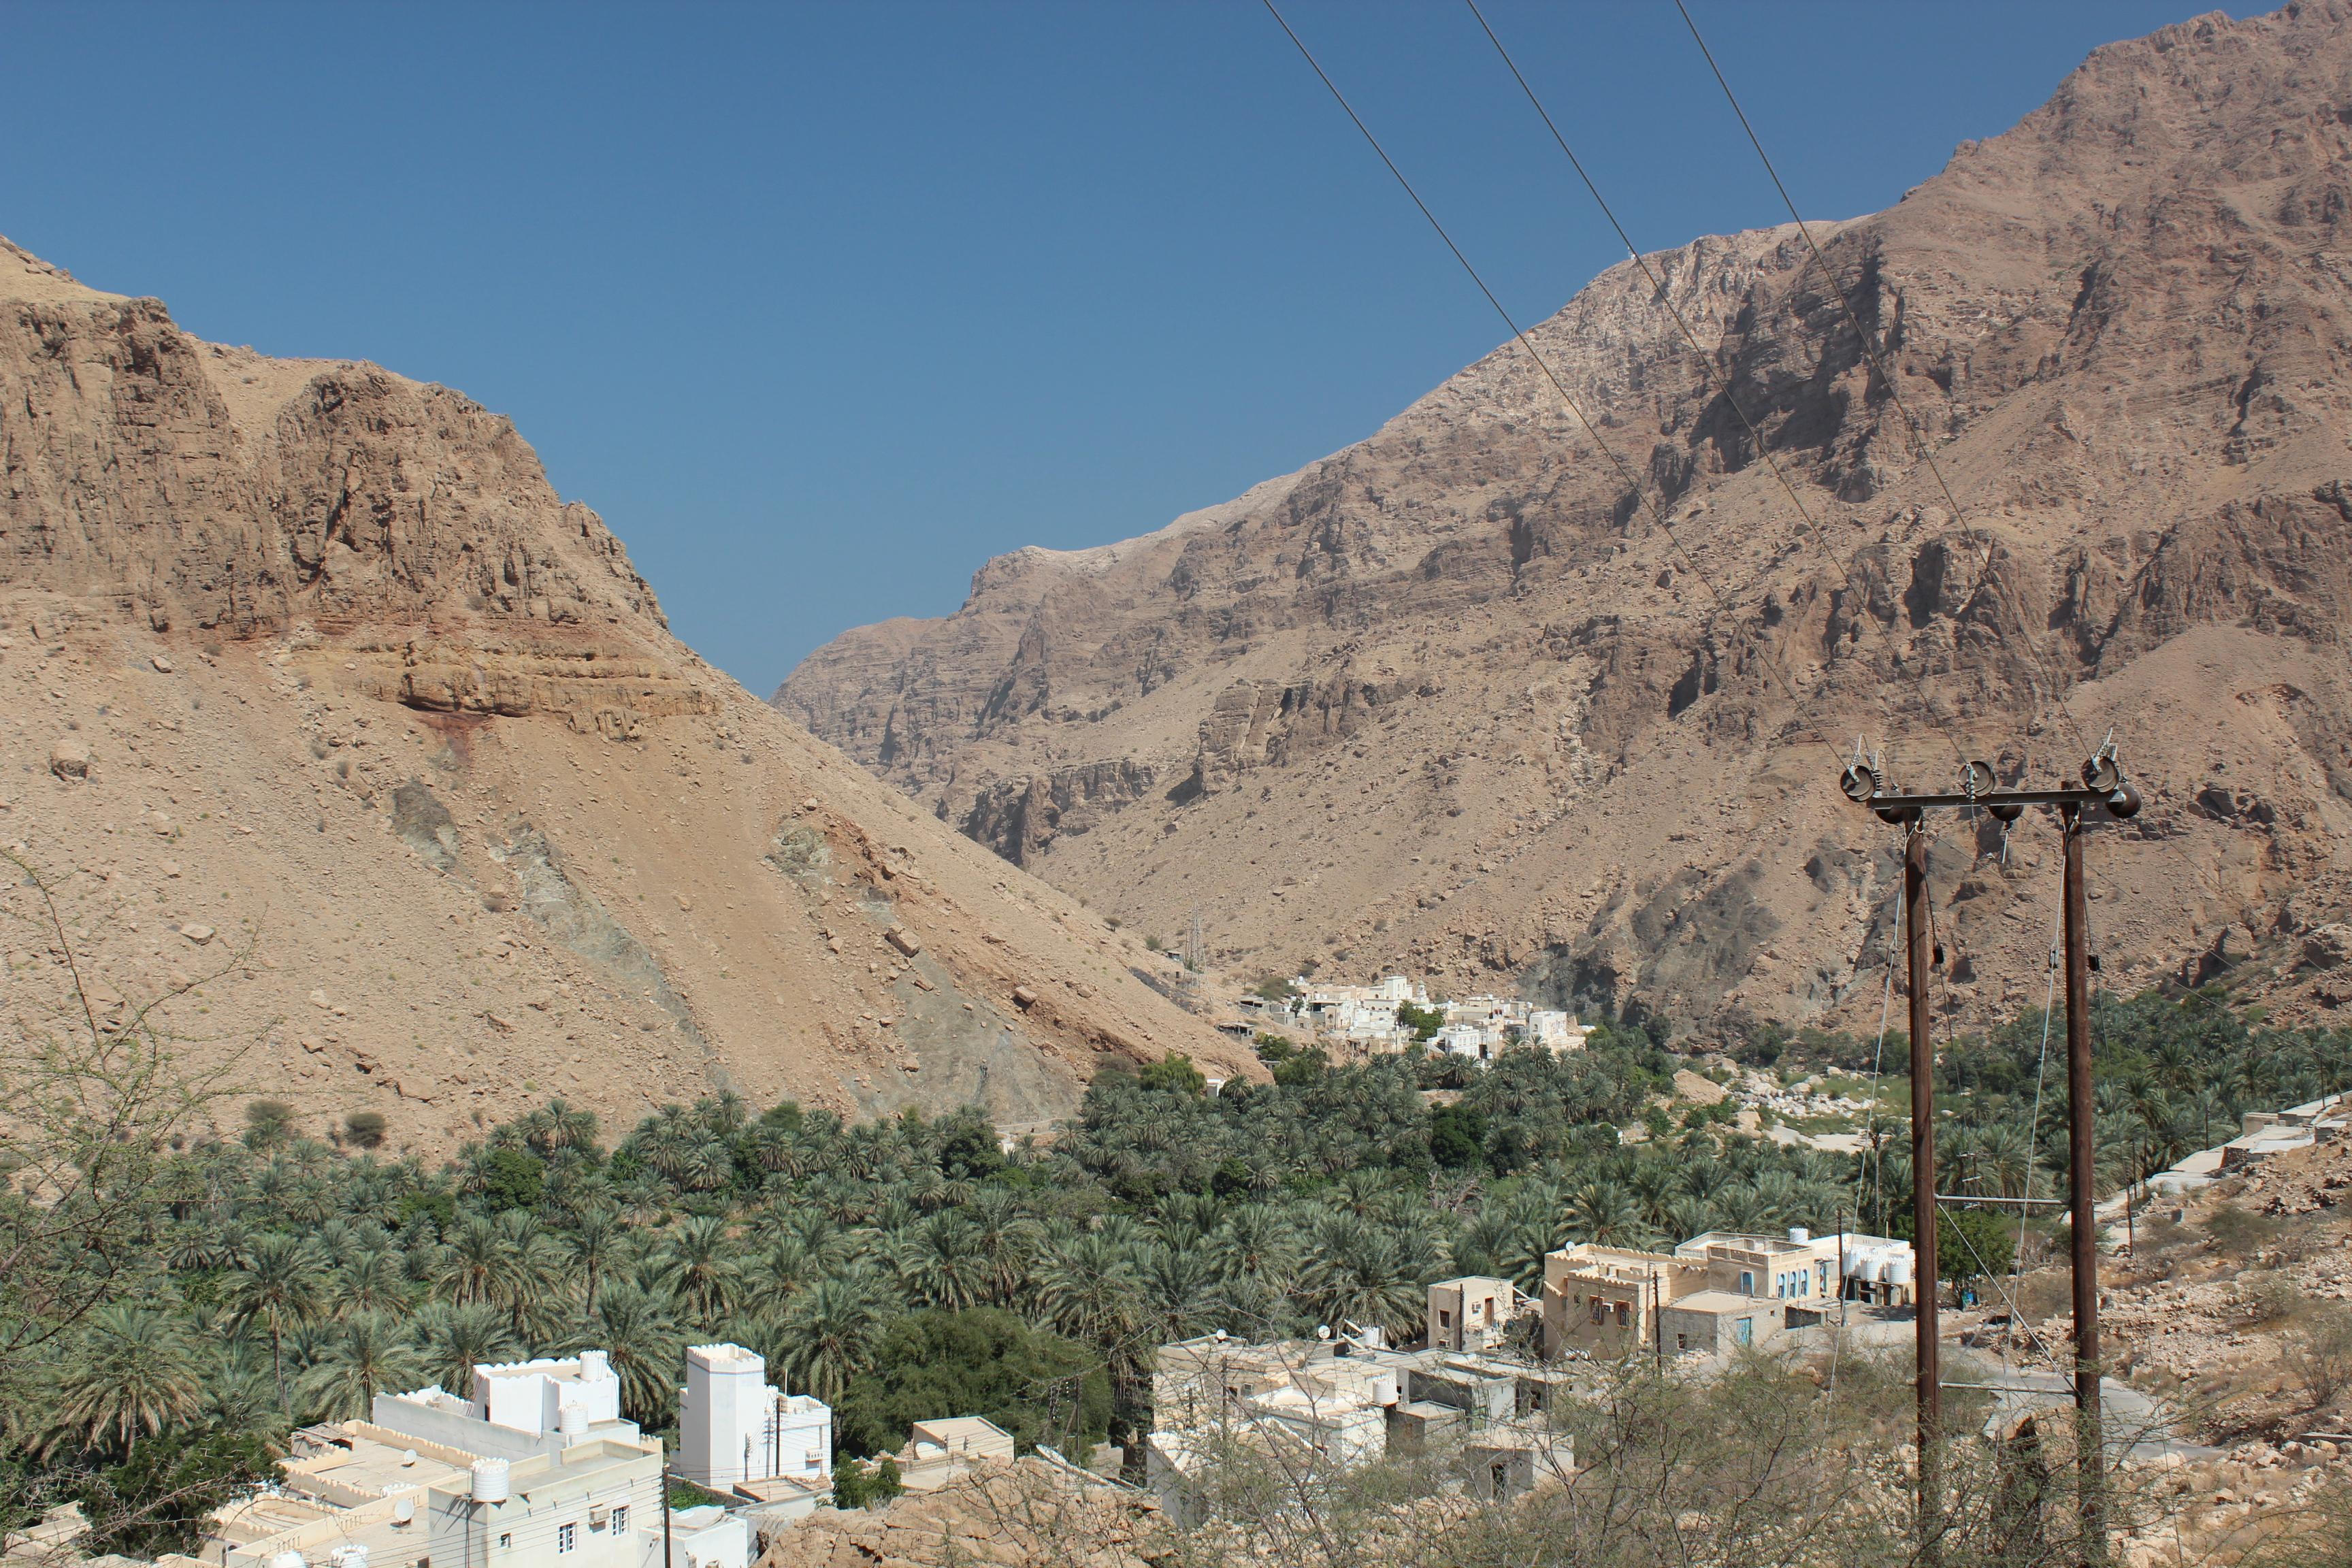 Tag 6 - Sur, Wadi Tiwi - Campen Wadi Tiwi (18)